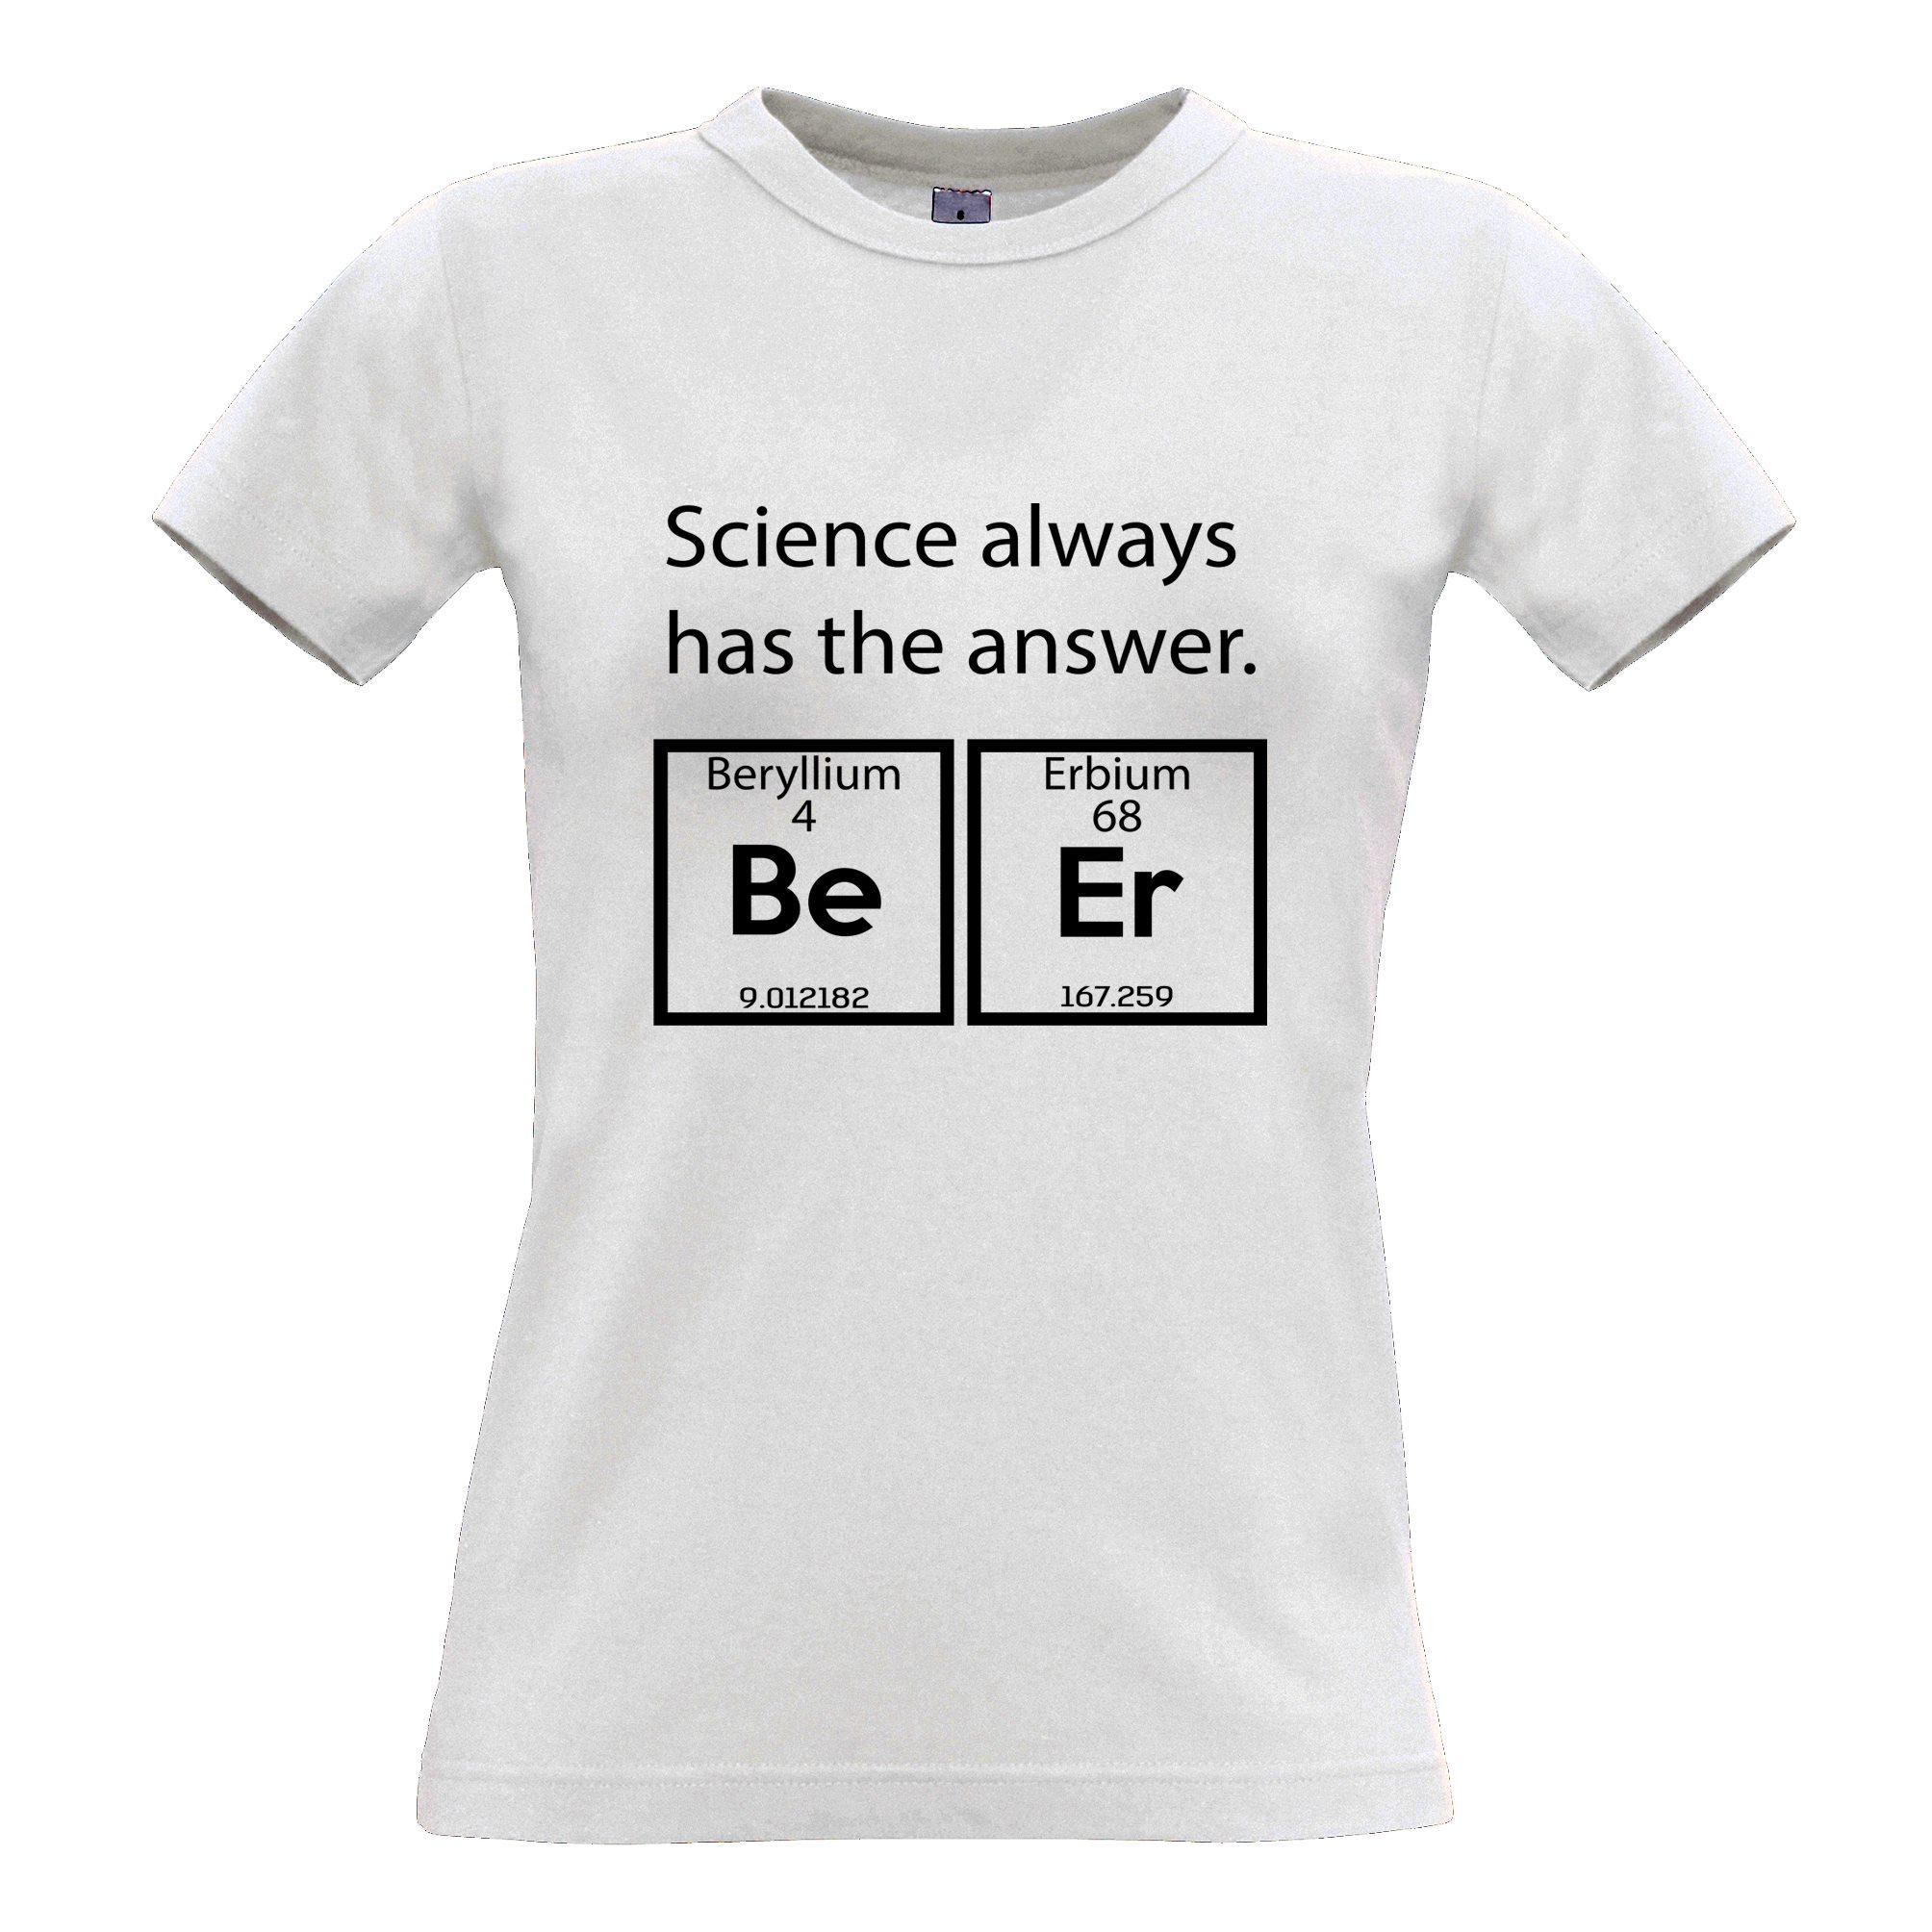 Tim and Ted en Buvant T-Shirt La Science a Toujours la bière Réponse Vêtements Vêtements techniques et spéciaux